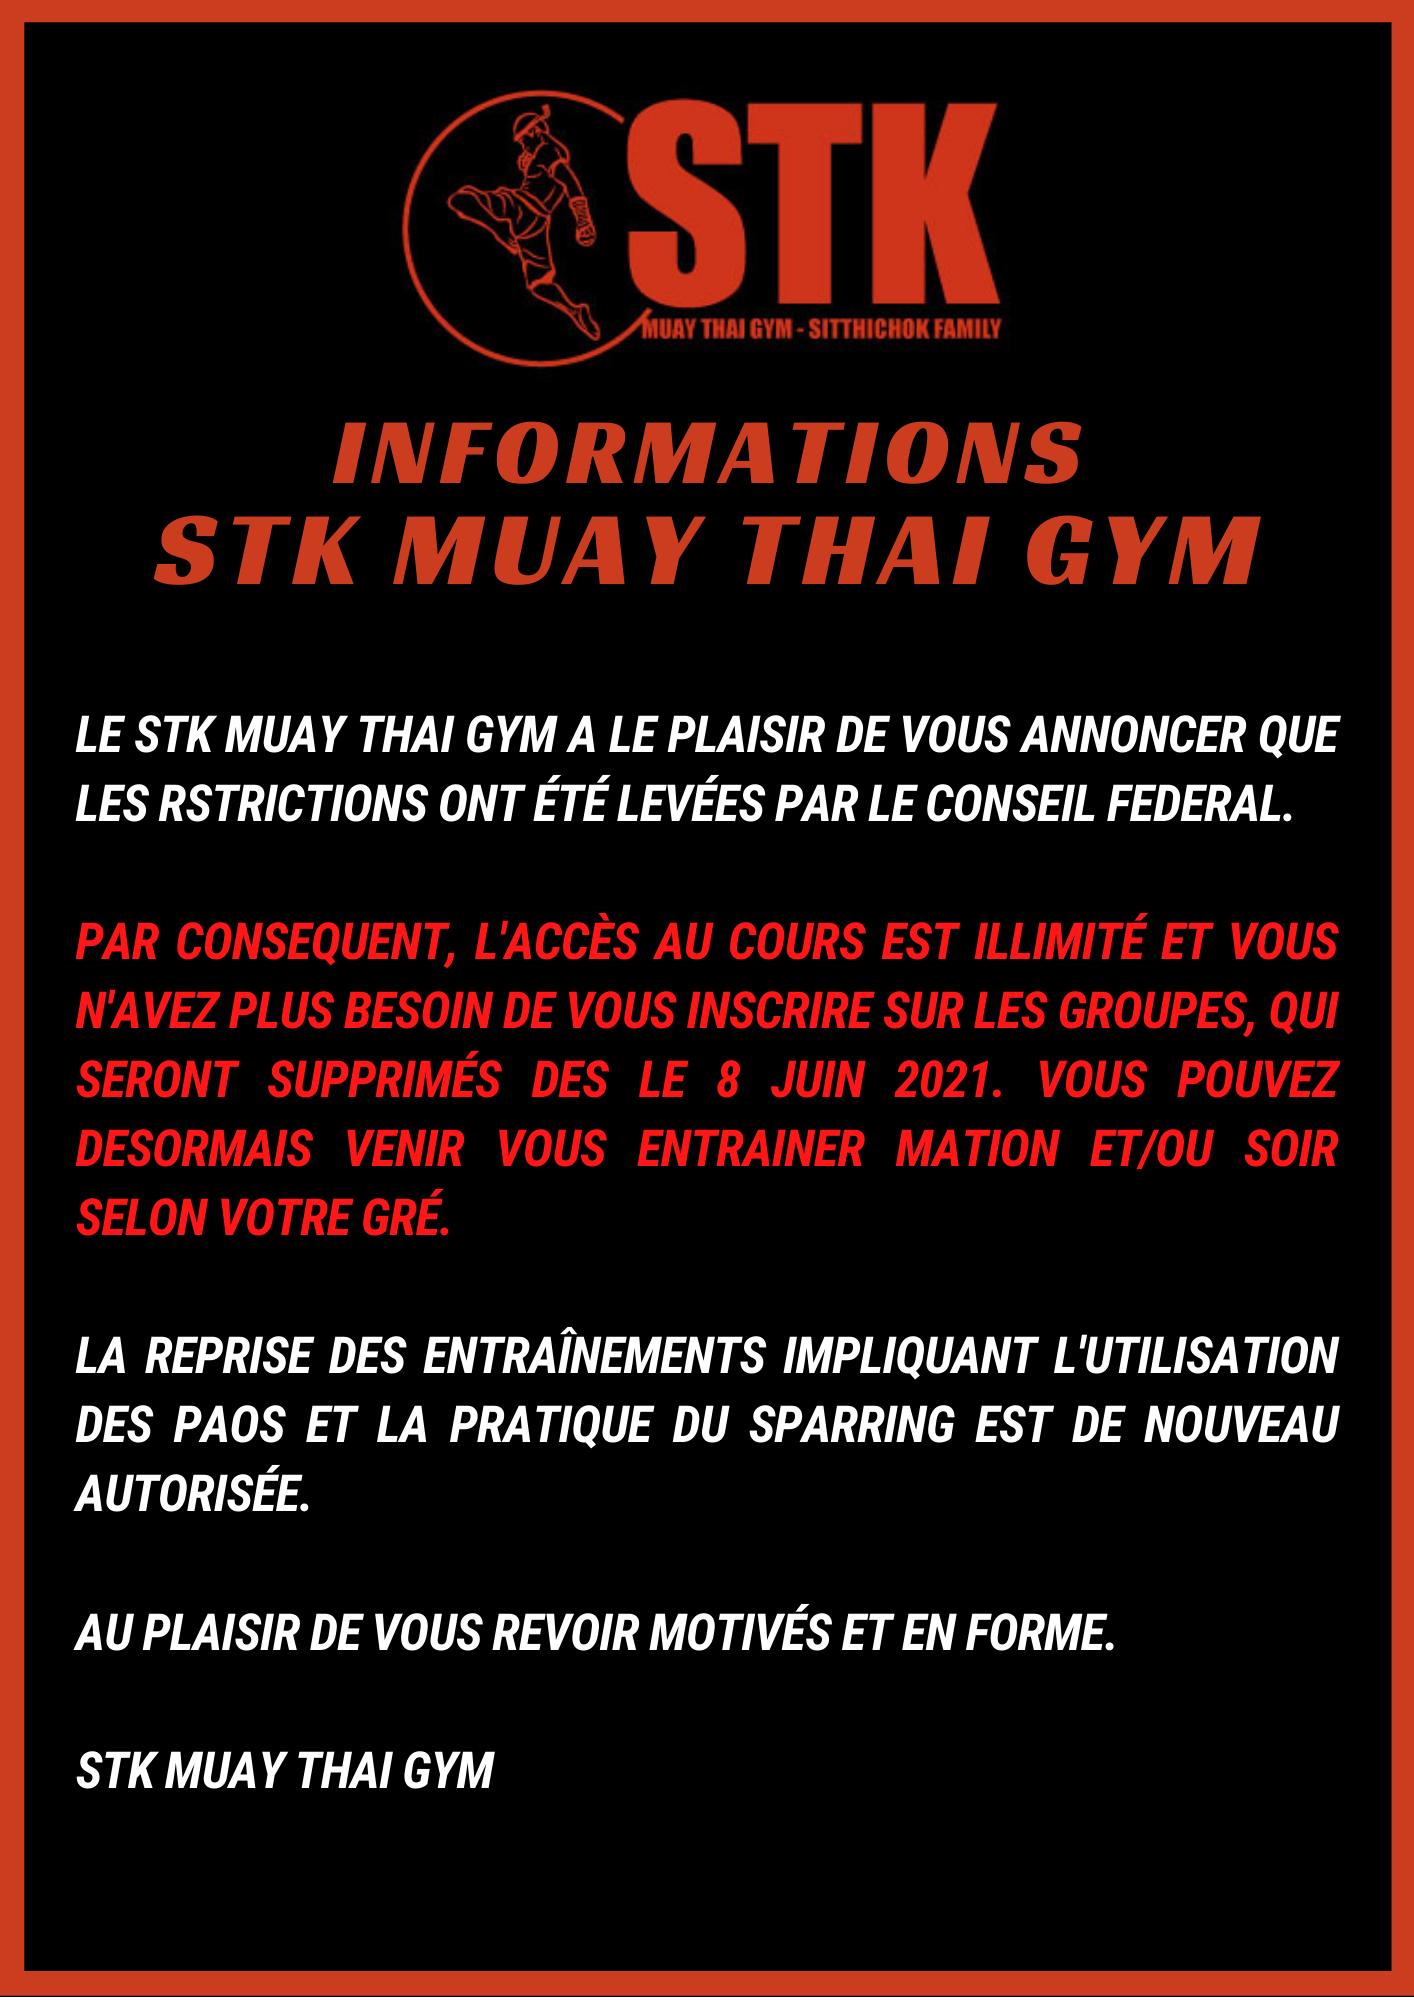 STK MUAY THAI OUVERTURE JUIN JUILLET 2021 SANS RESTRICTIONS